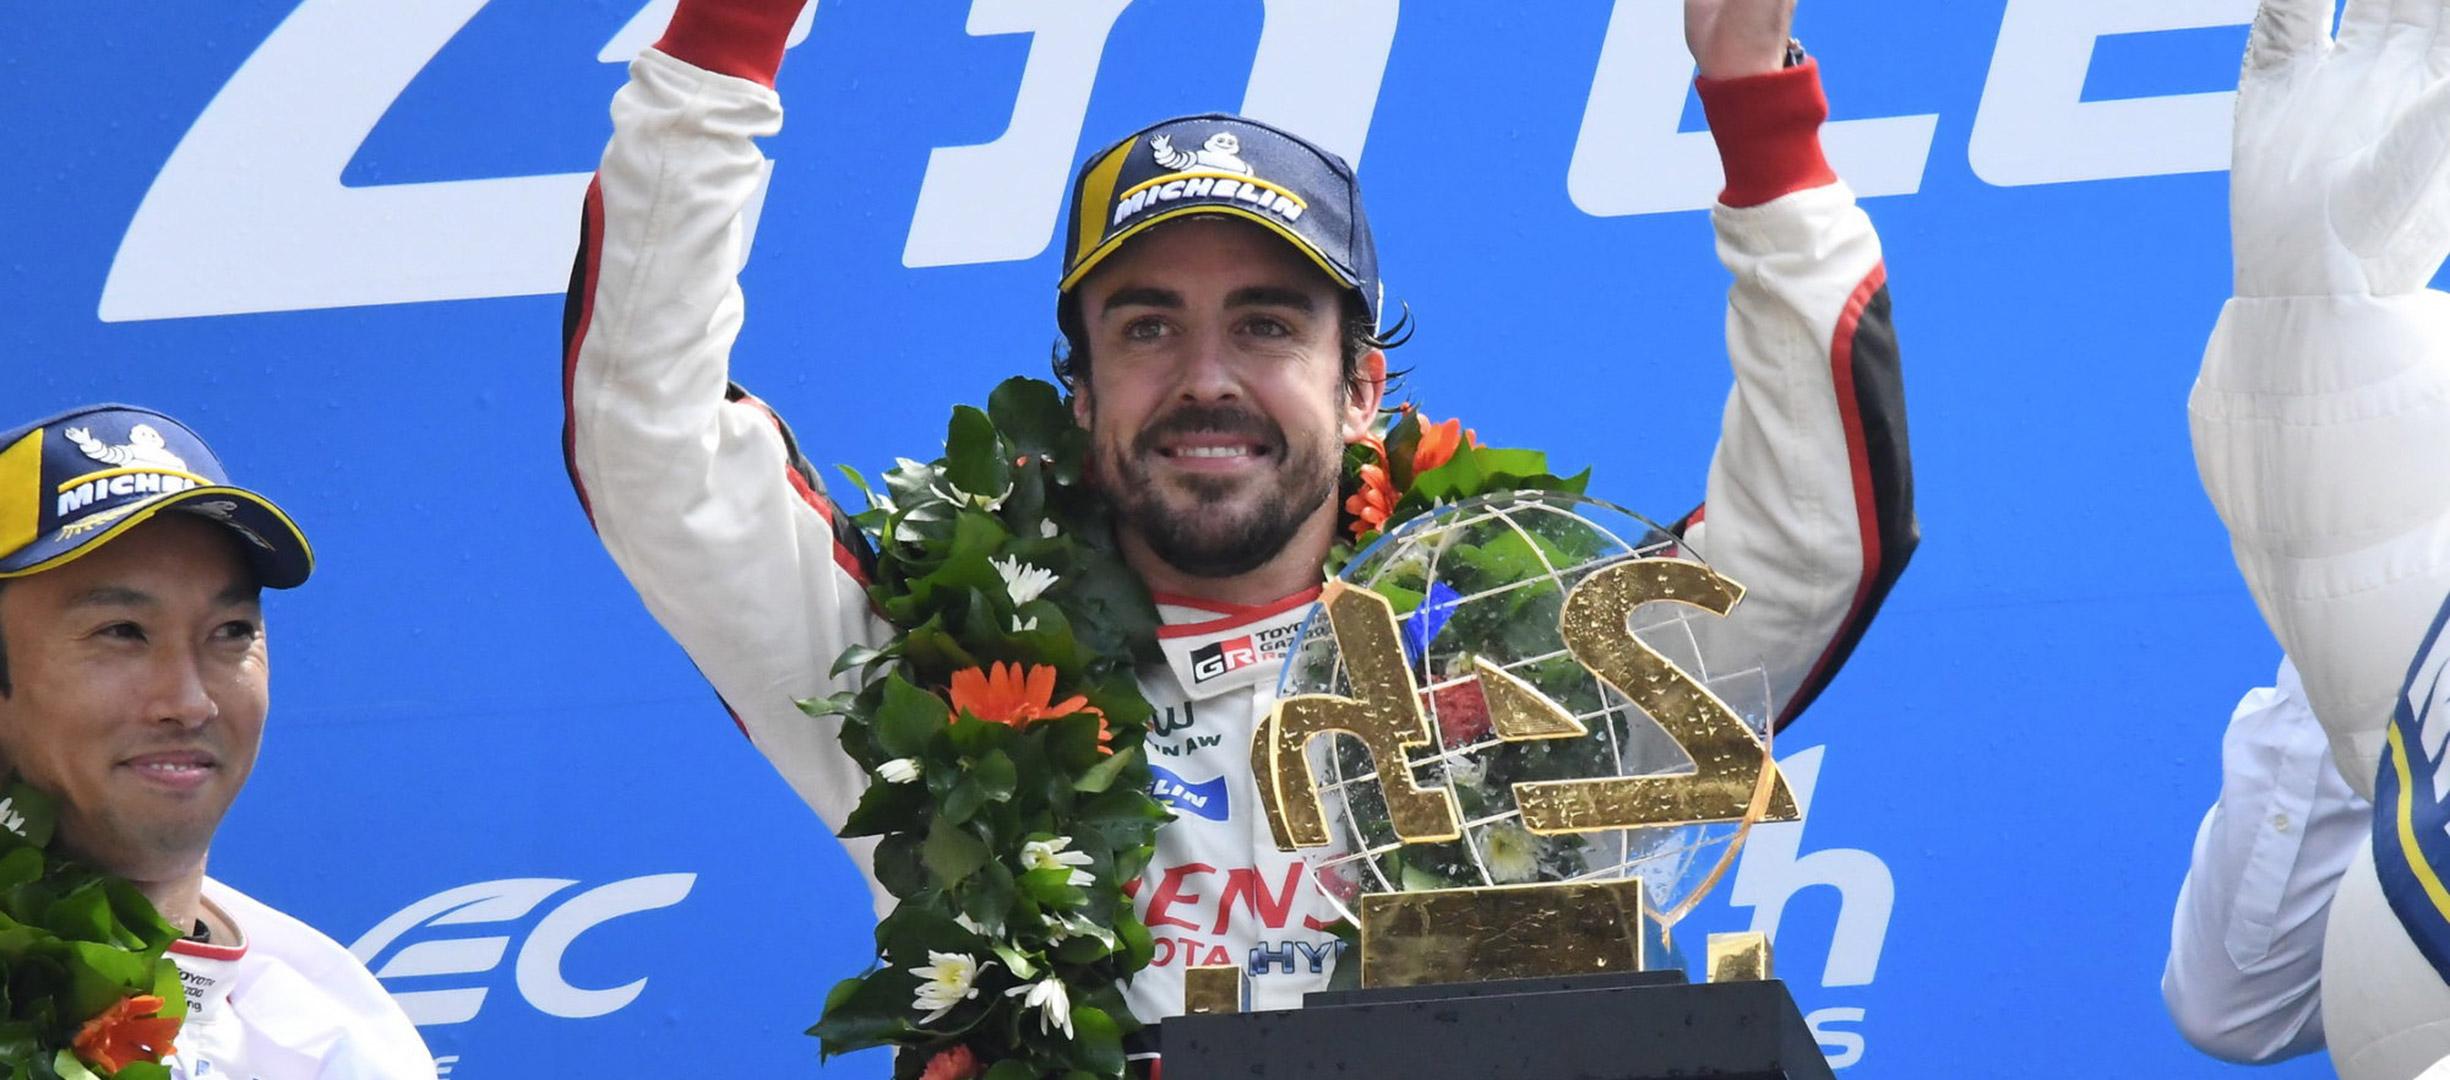 Fernando Alonso vuelve a entrar en la Historia ganando las 24 h de Daytona